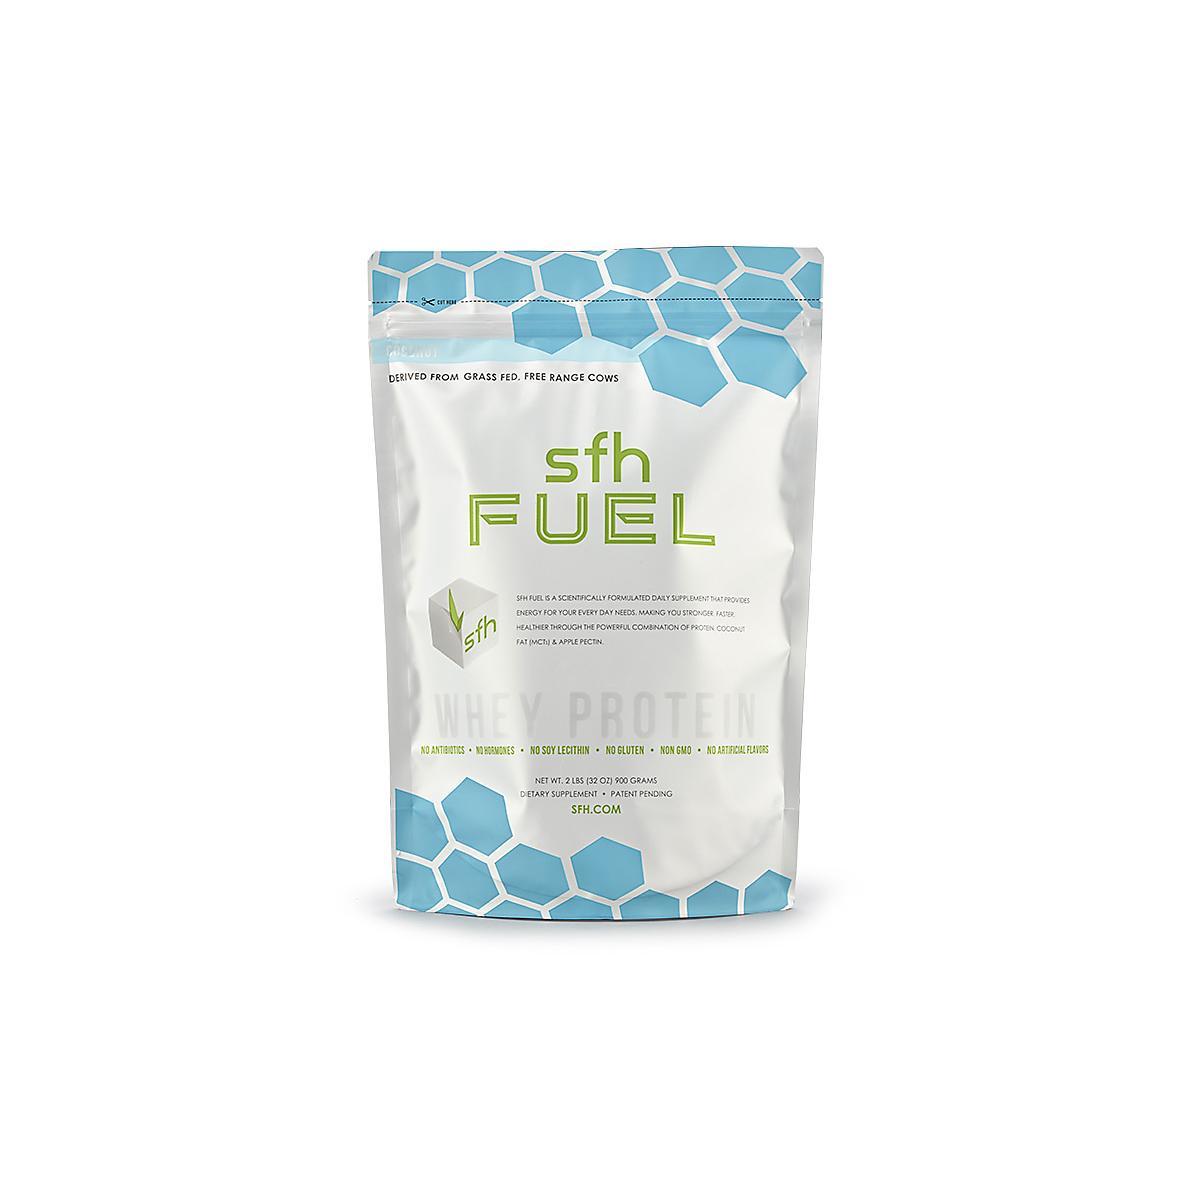 SFH�FUEL Whey Protein 2 pound bag